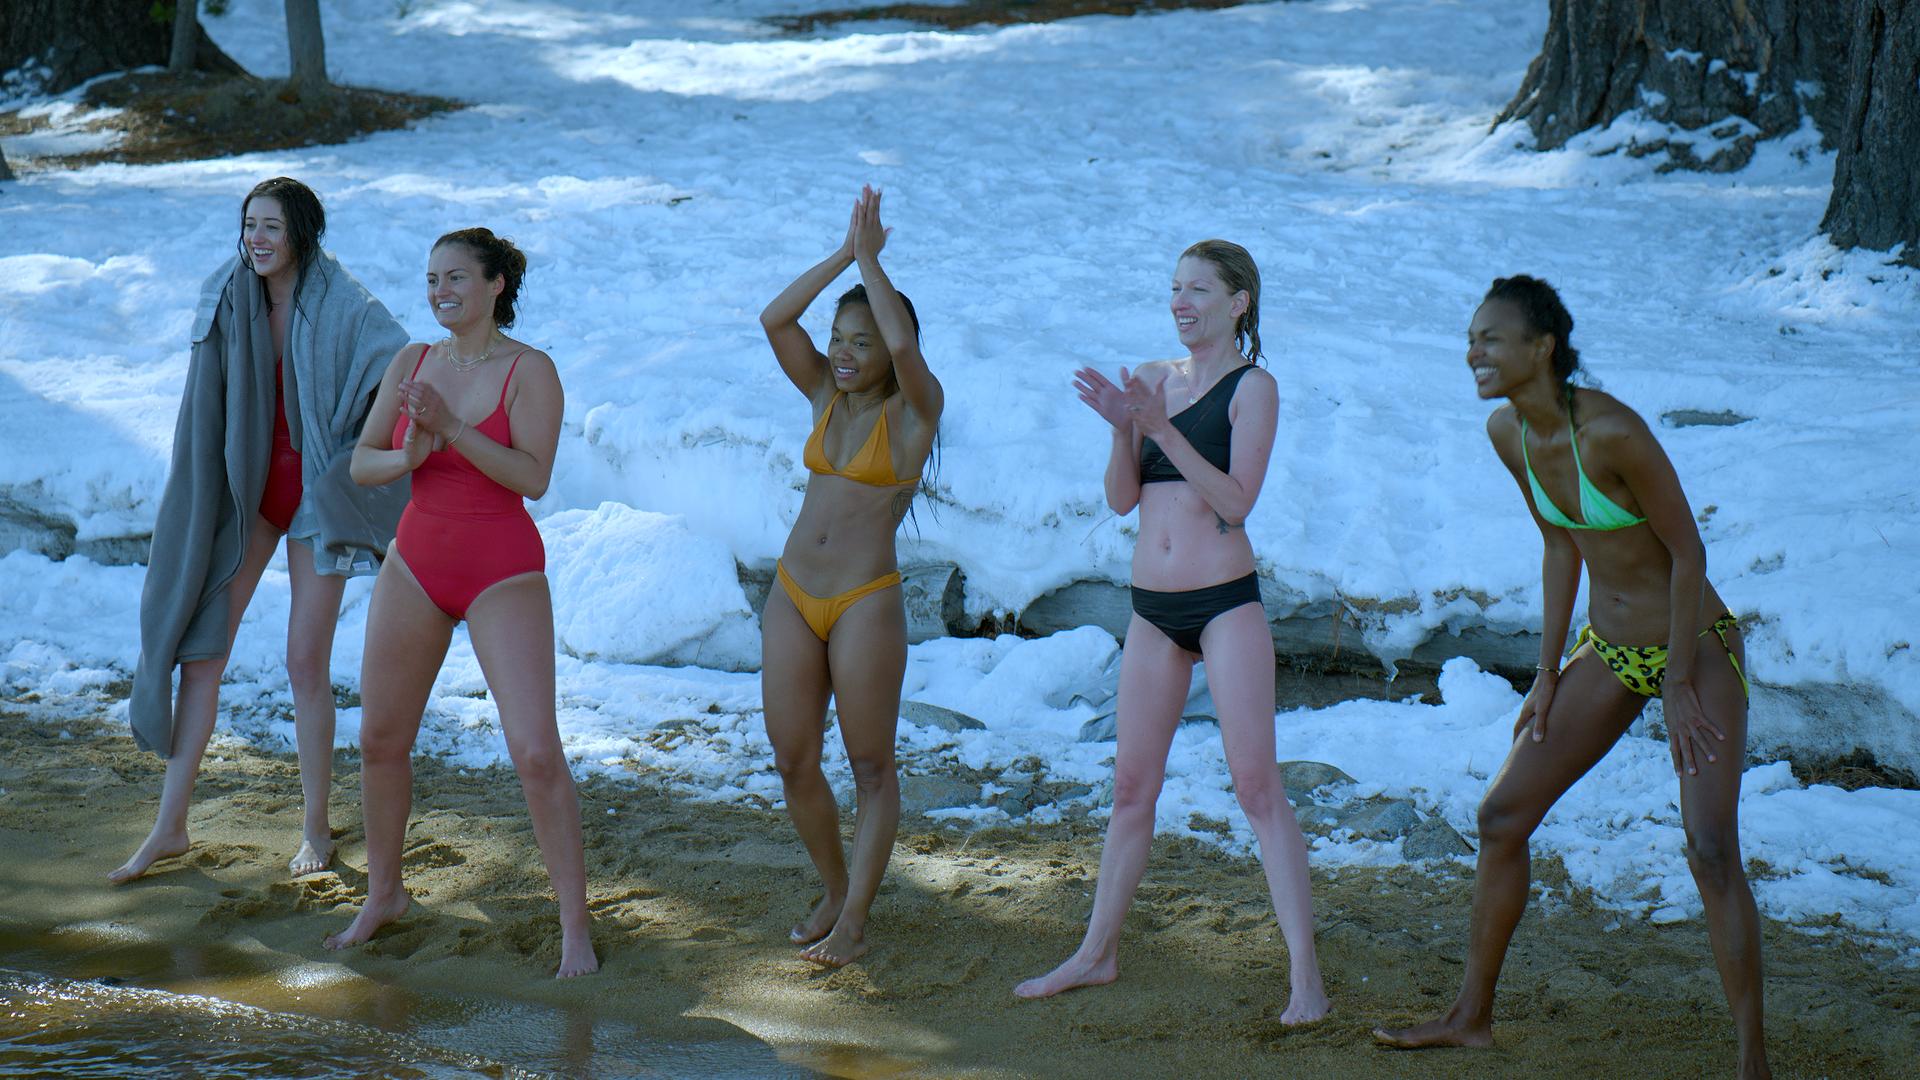 Frauen im Bikini im Winter